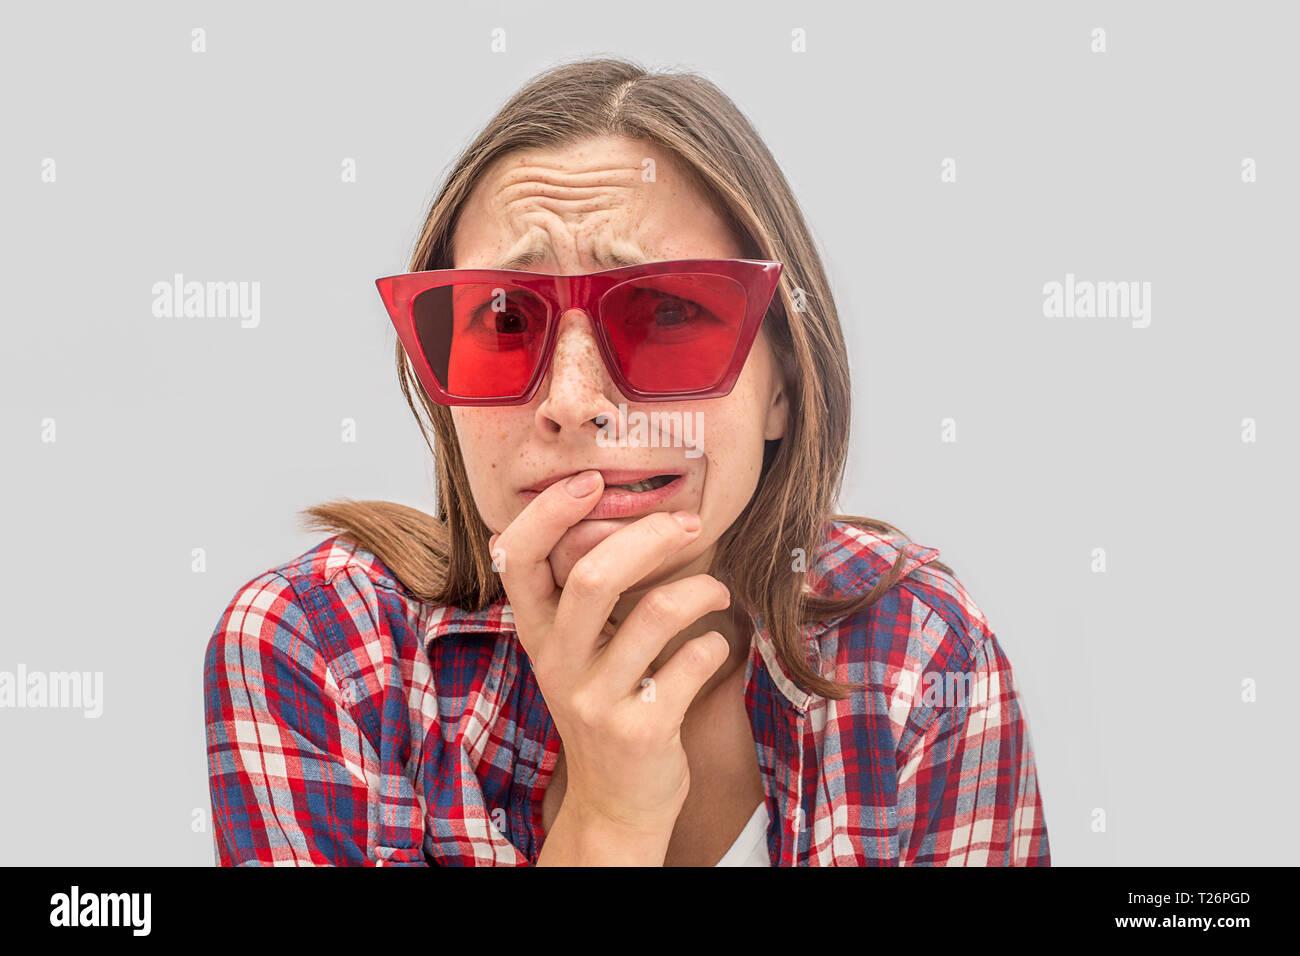 53eba61a0280 Preocupado e infeliz mujer joven mira a la cámara a través de gafas rojas.  Ella